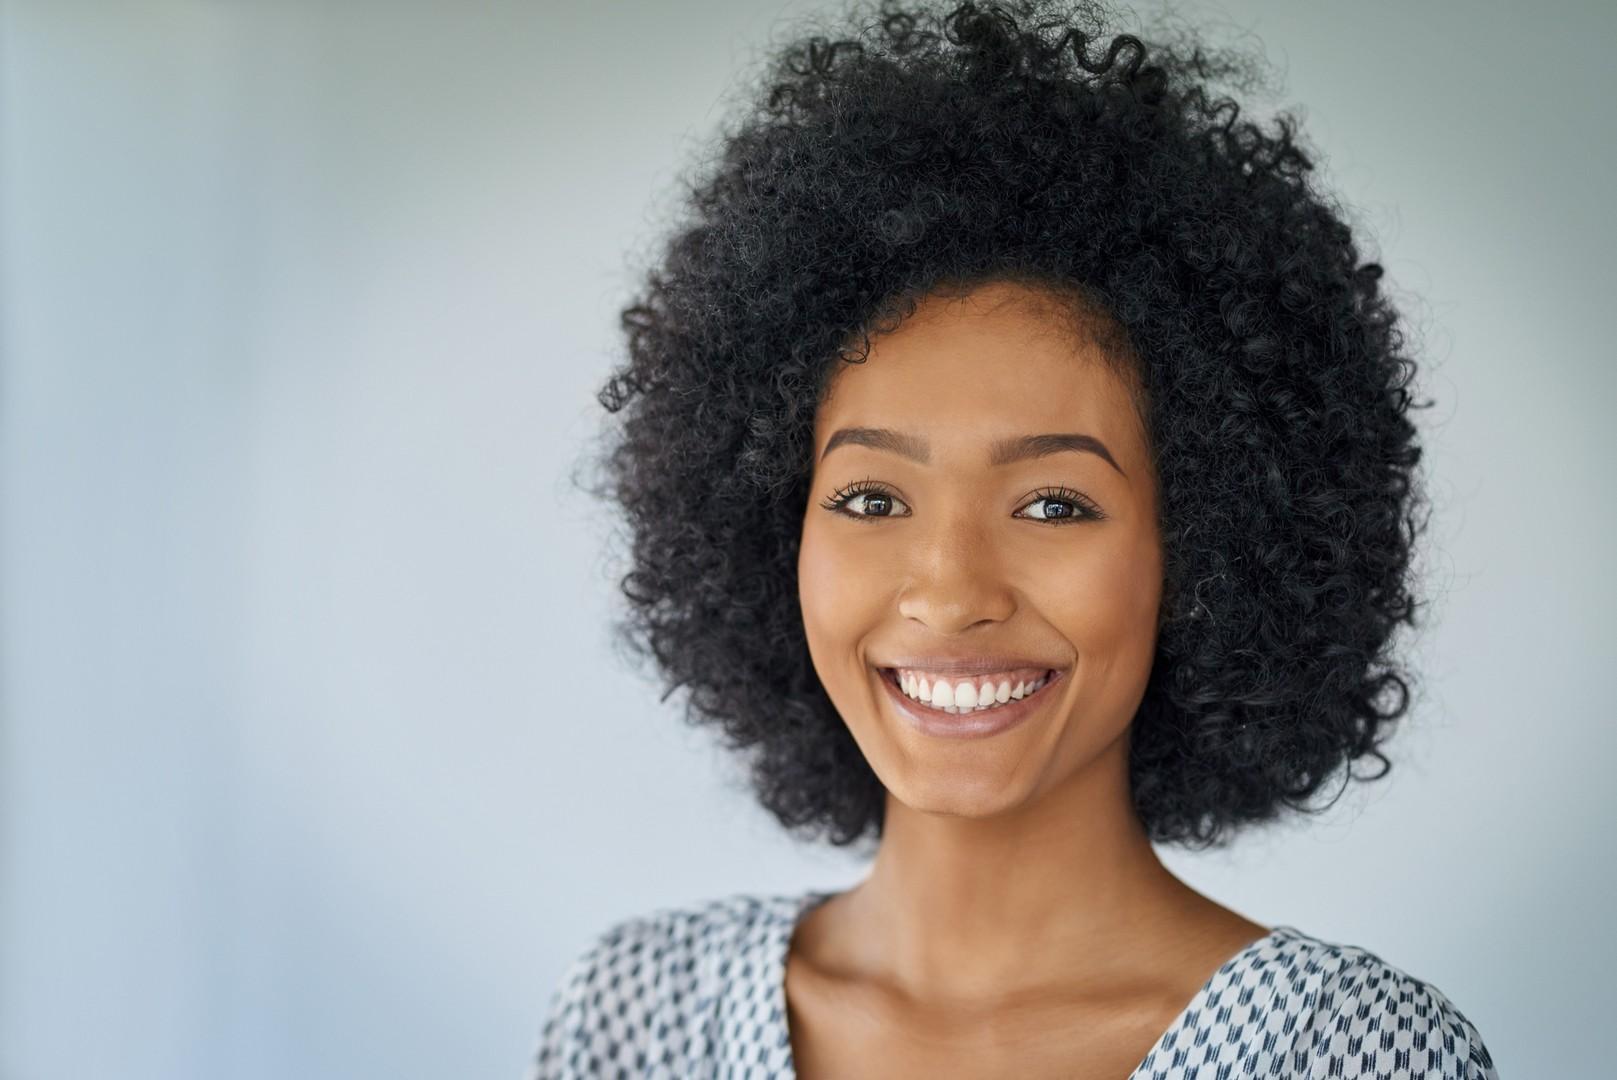 cabelos curtos 8 1 - Cabelos curtos para cacheadas e crespas: melhores dicas e tendências